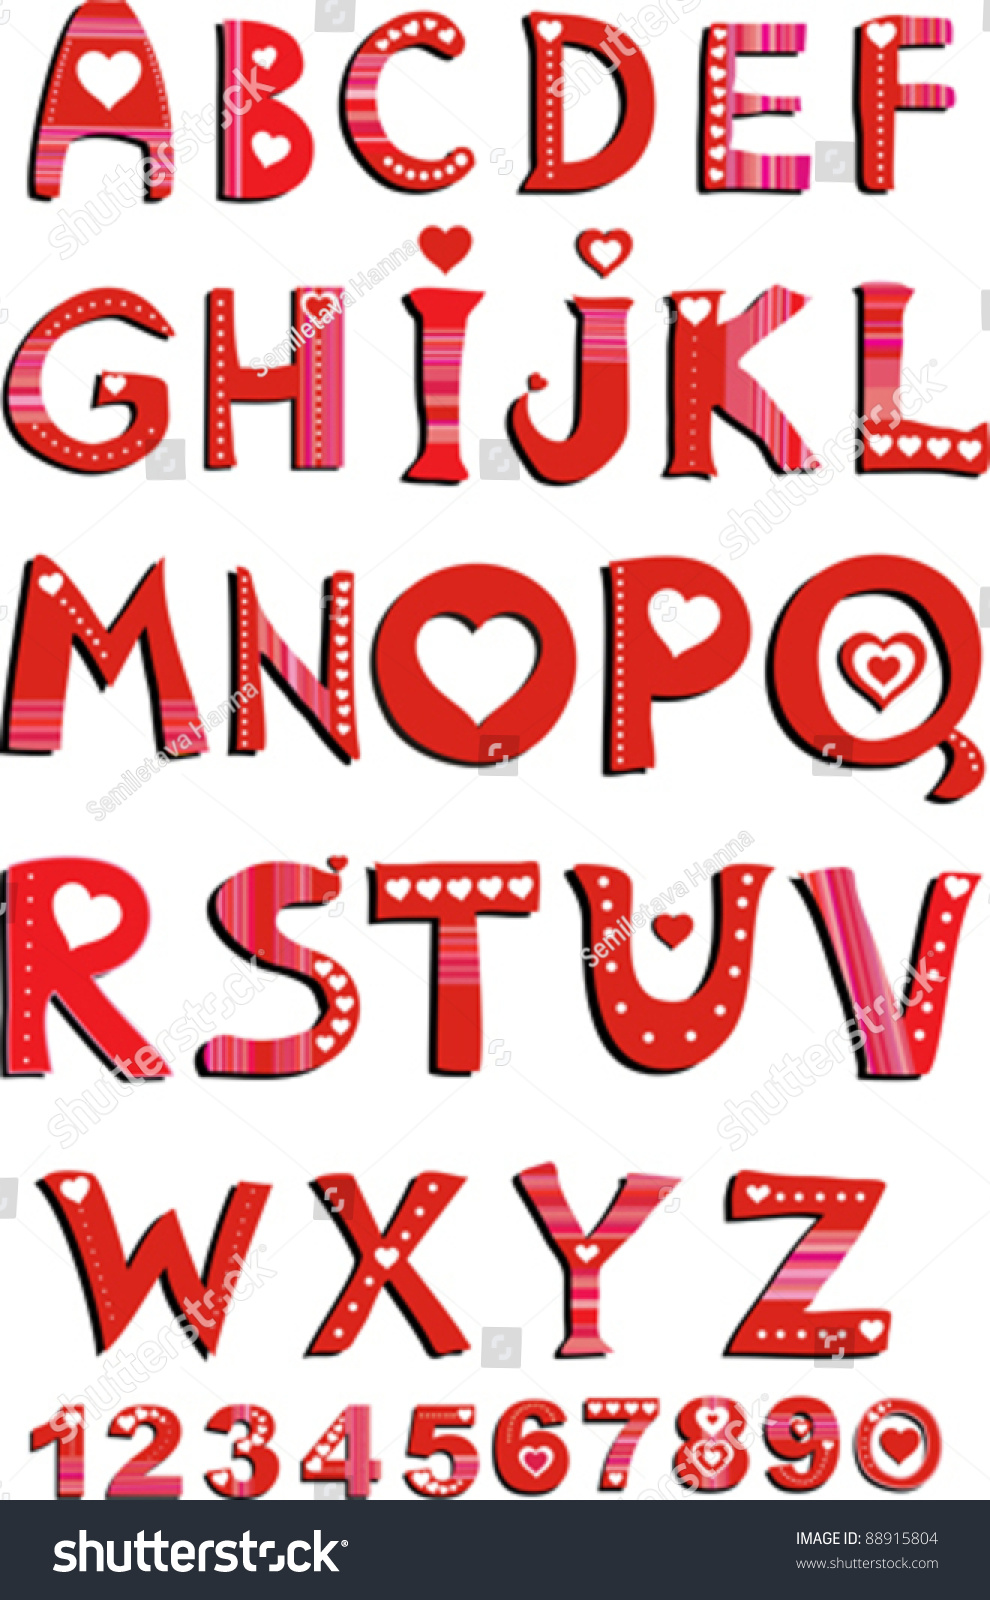 Decorative Letters Decorative Letters Love Alphabet Heart Letters Stock Vector